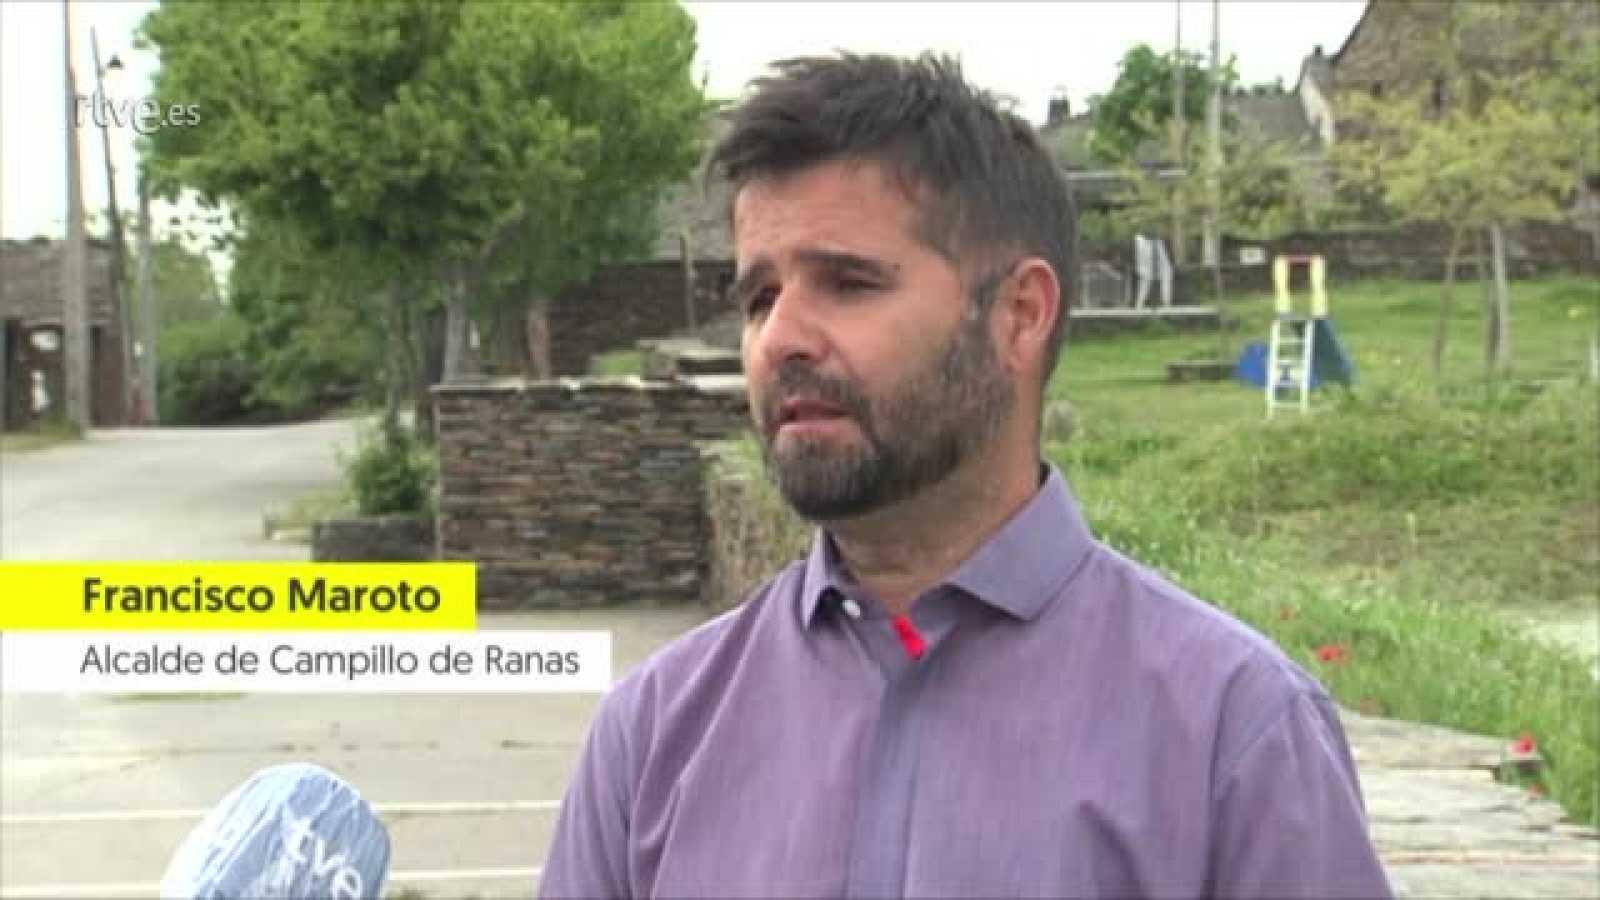 Francisco Maroto, preocupado por la incertidumbre que afronta el pueblo por la cancelación de las bodas.